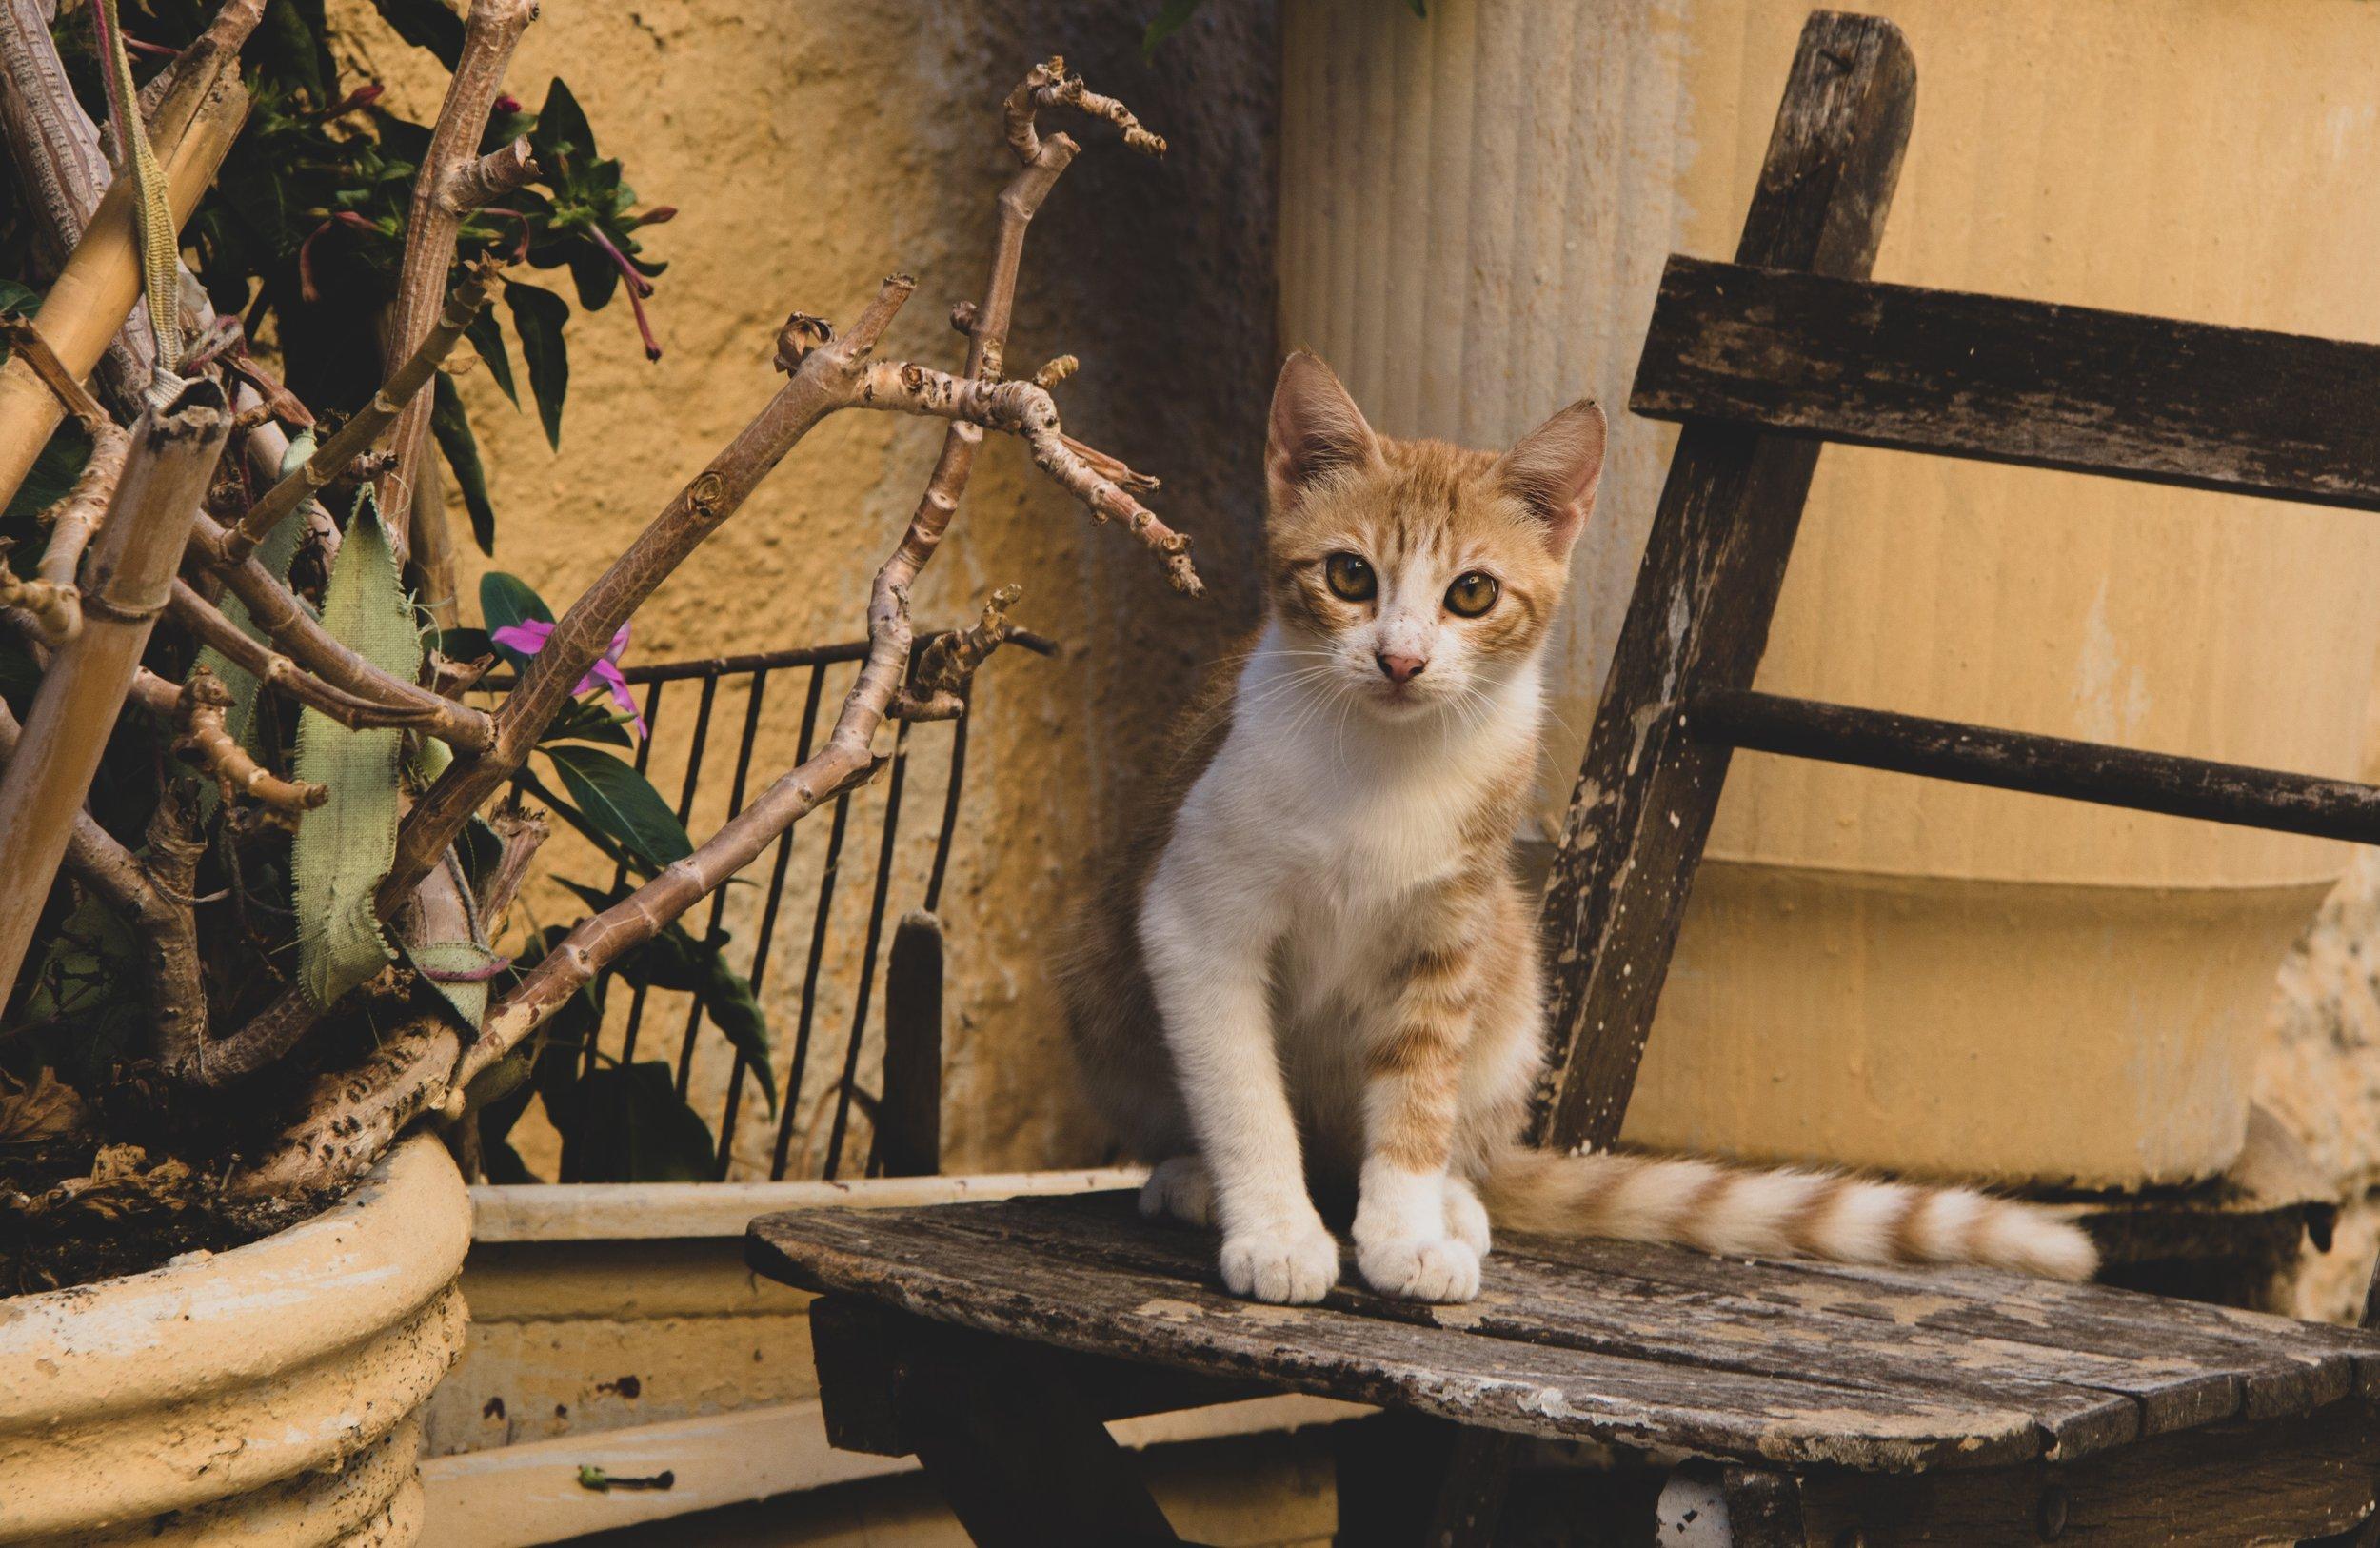 outside cat, kitten #kittentips #kittenadoption